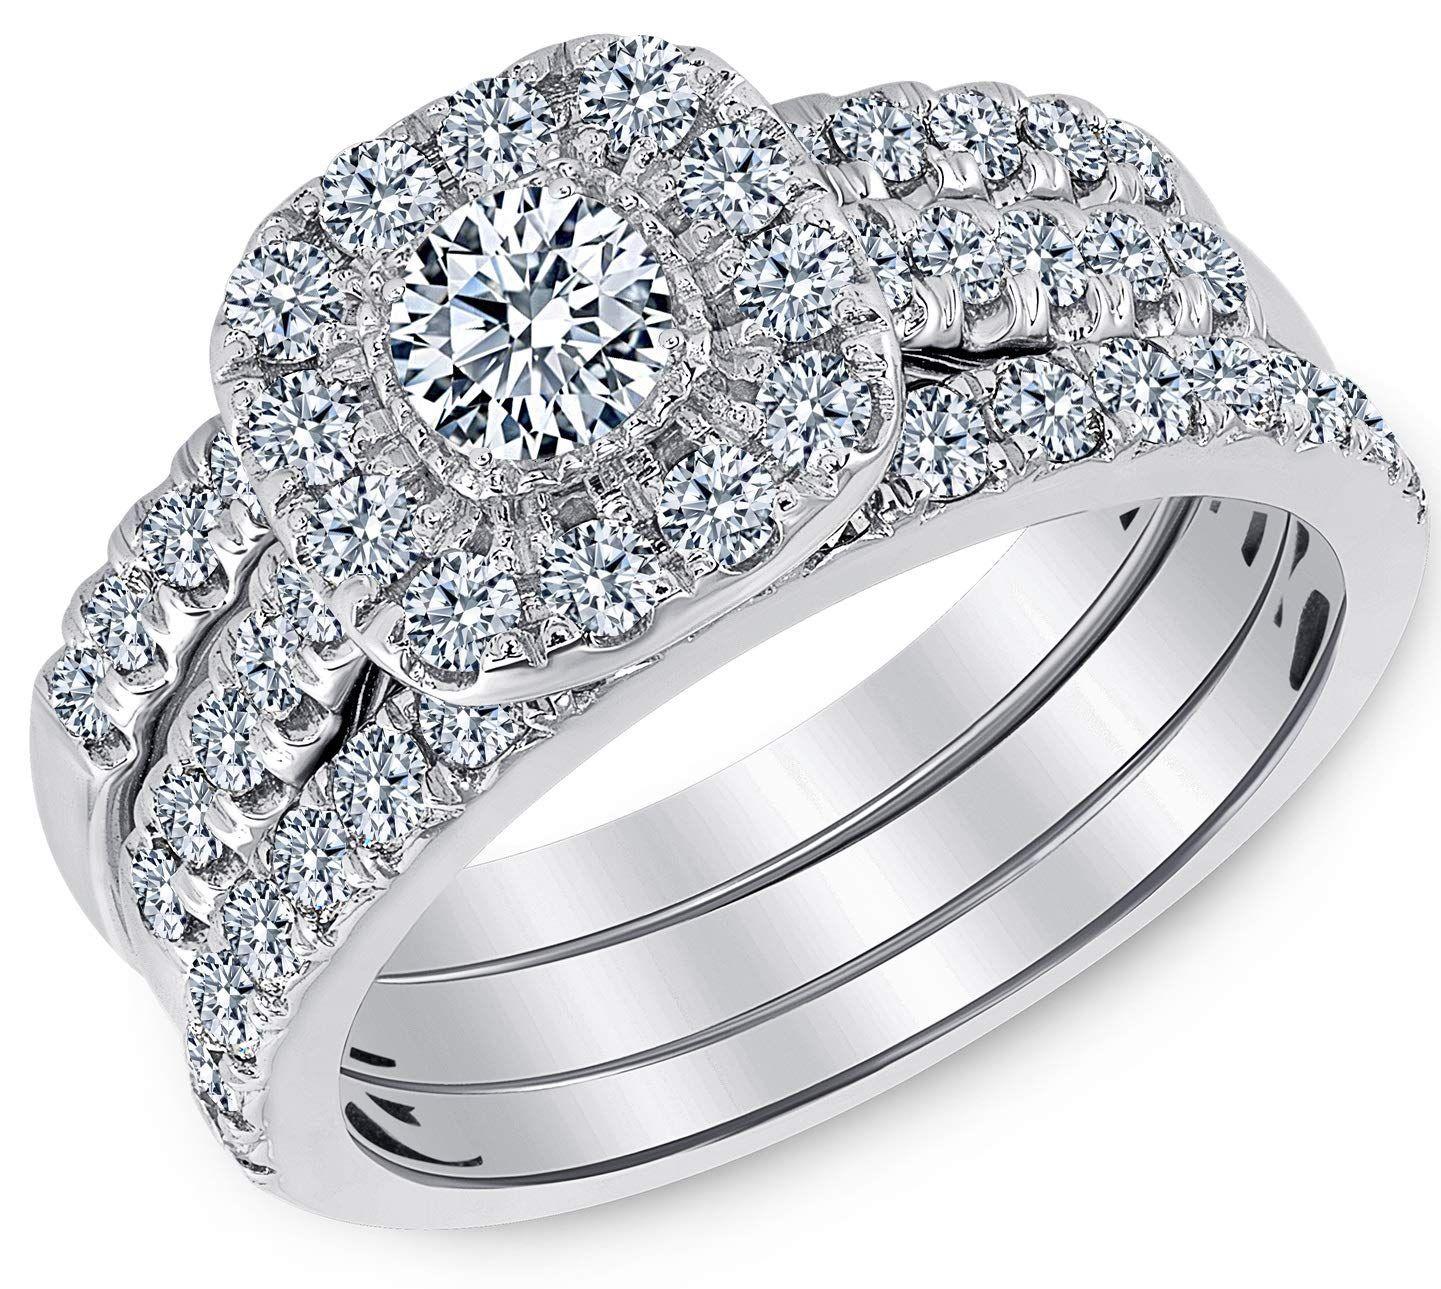 1 00 Carat Total Weight Igi Certified Diamond Engagement Ring In 14 Karat White Gold Sizable Diamond Engagement Rings 1 Carat Engagement Rings Jewelry Rings Diamond